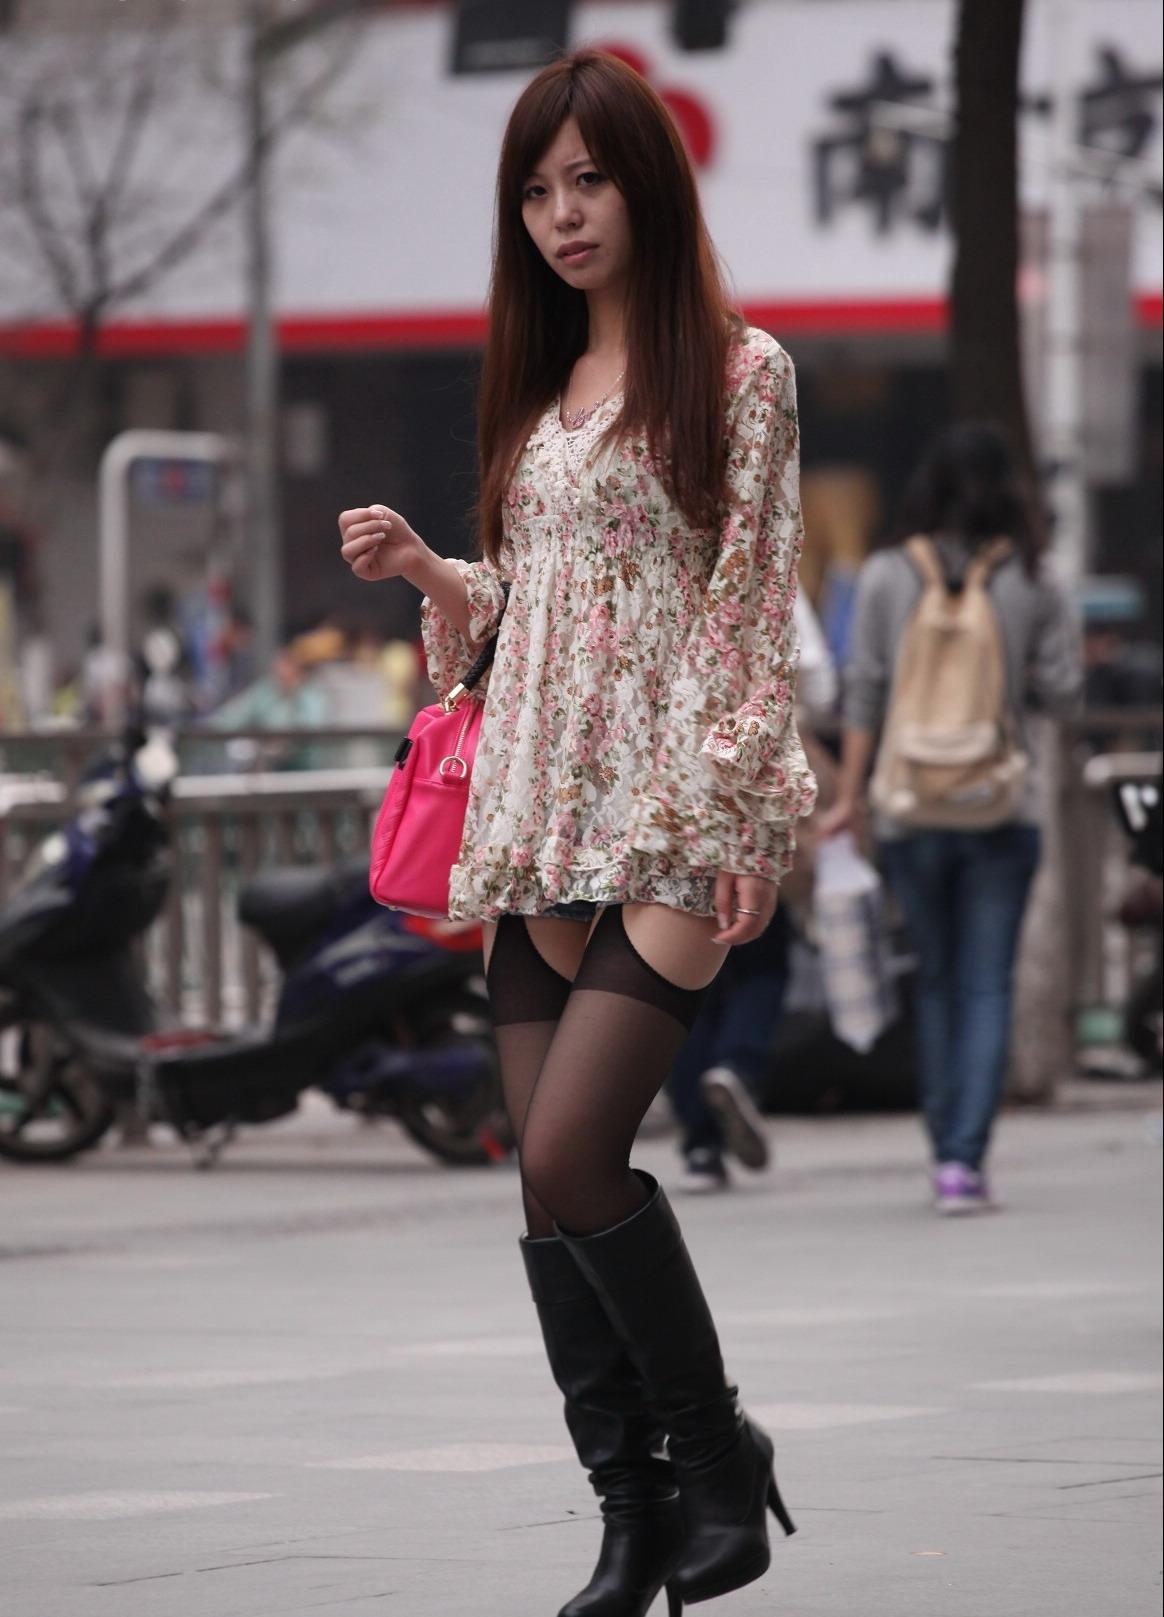 外地街拍仿吊带丝袜美女 第一次见到这样的丝袜